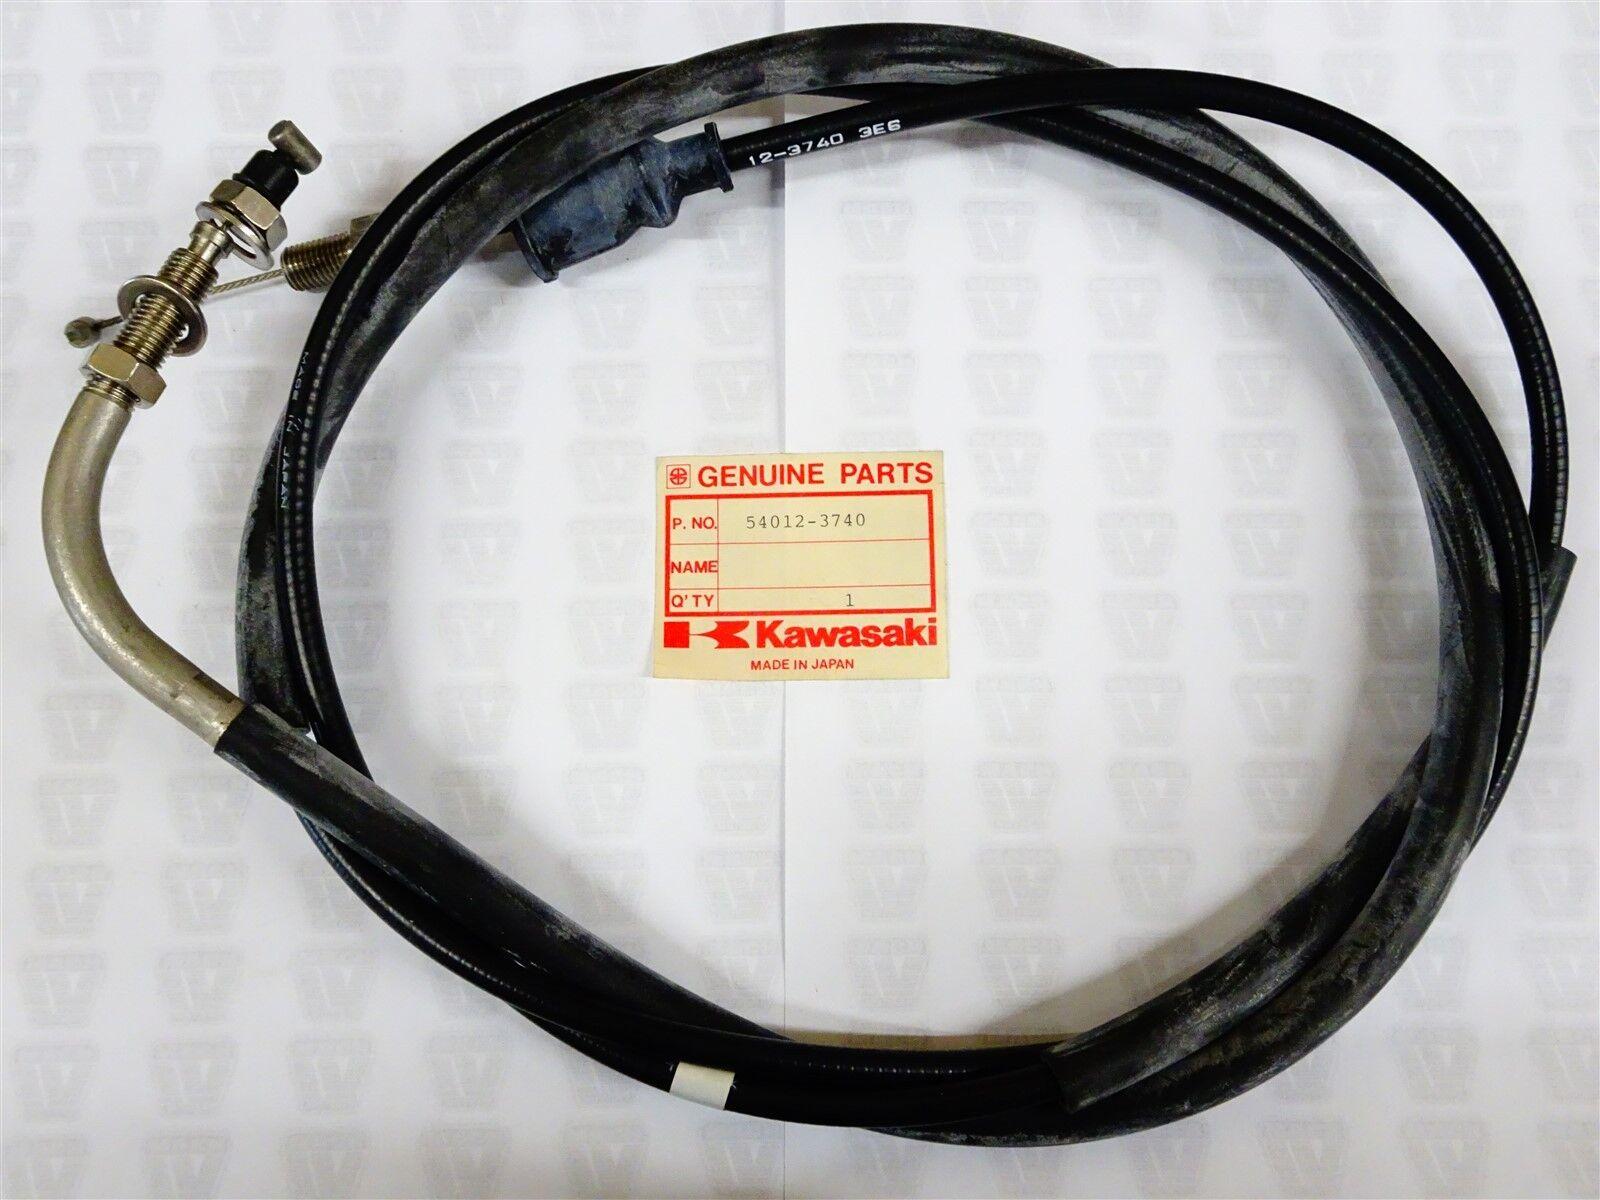 Kawasaki NOS NEW 54012-3740 Throttle Cable JT JT750 Jet Ski 1994-95